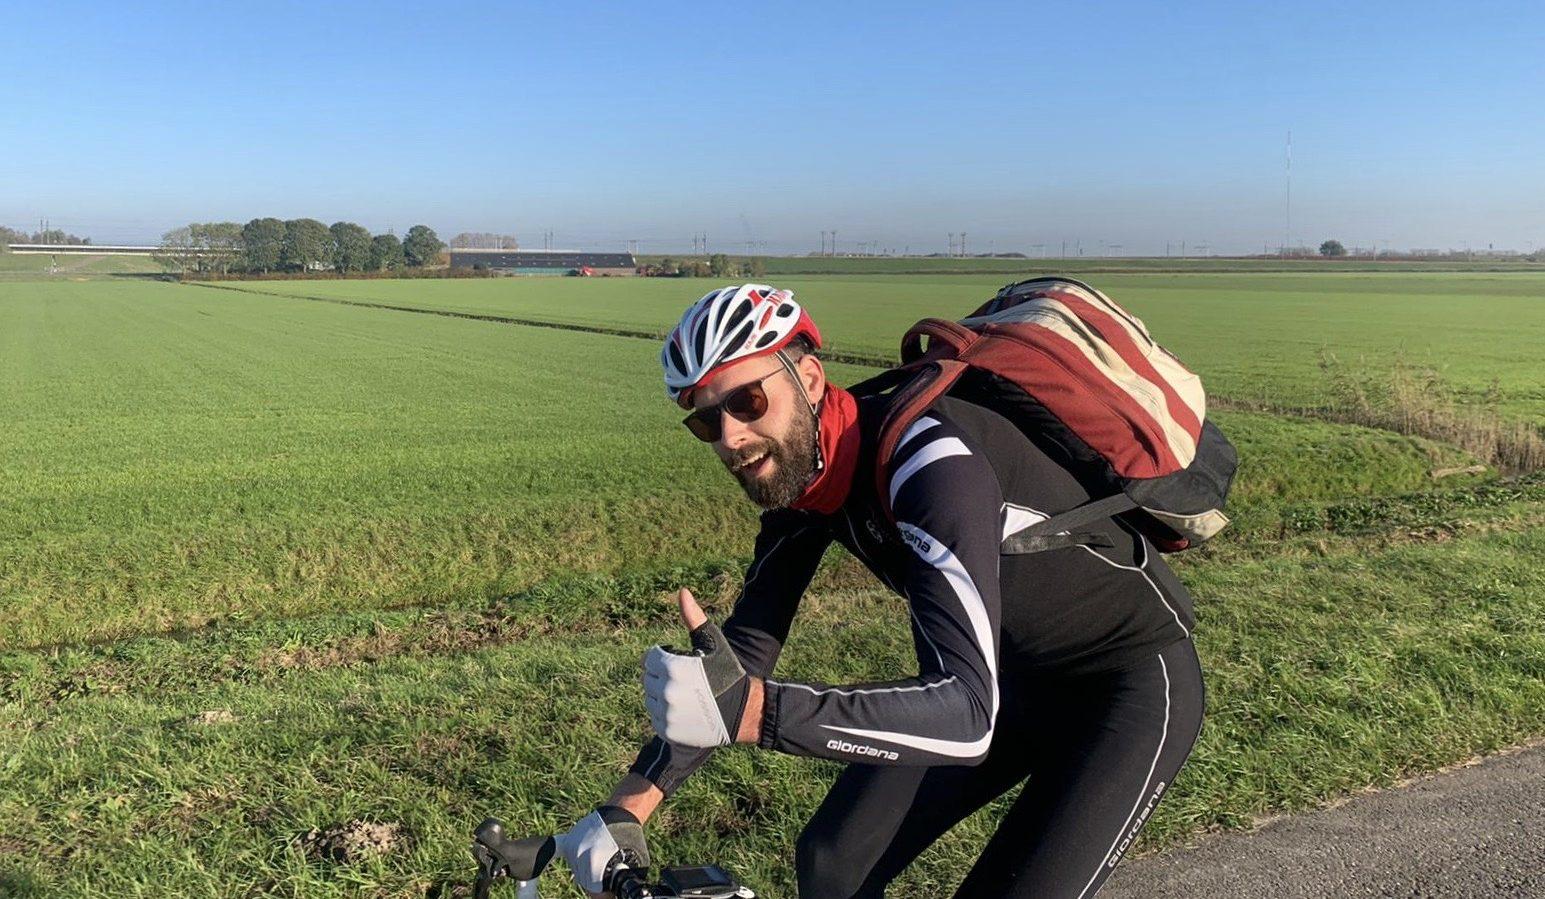 Doelen voor 2020: 9.000 kilometer fietsen